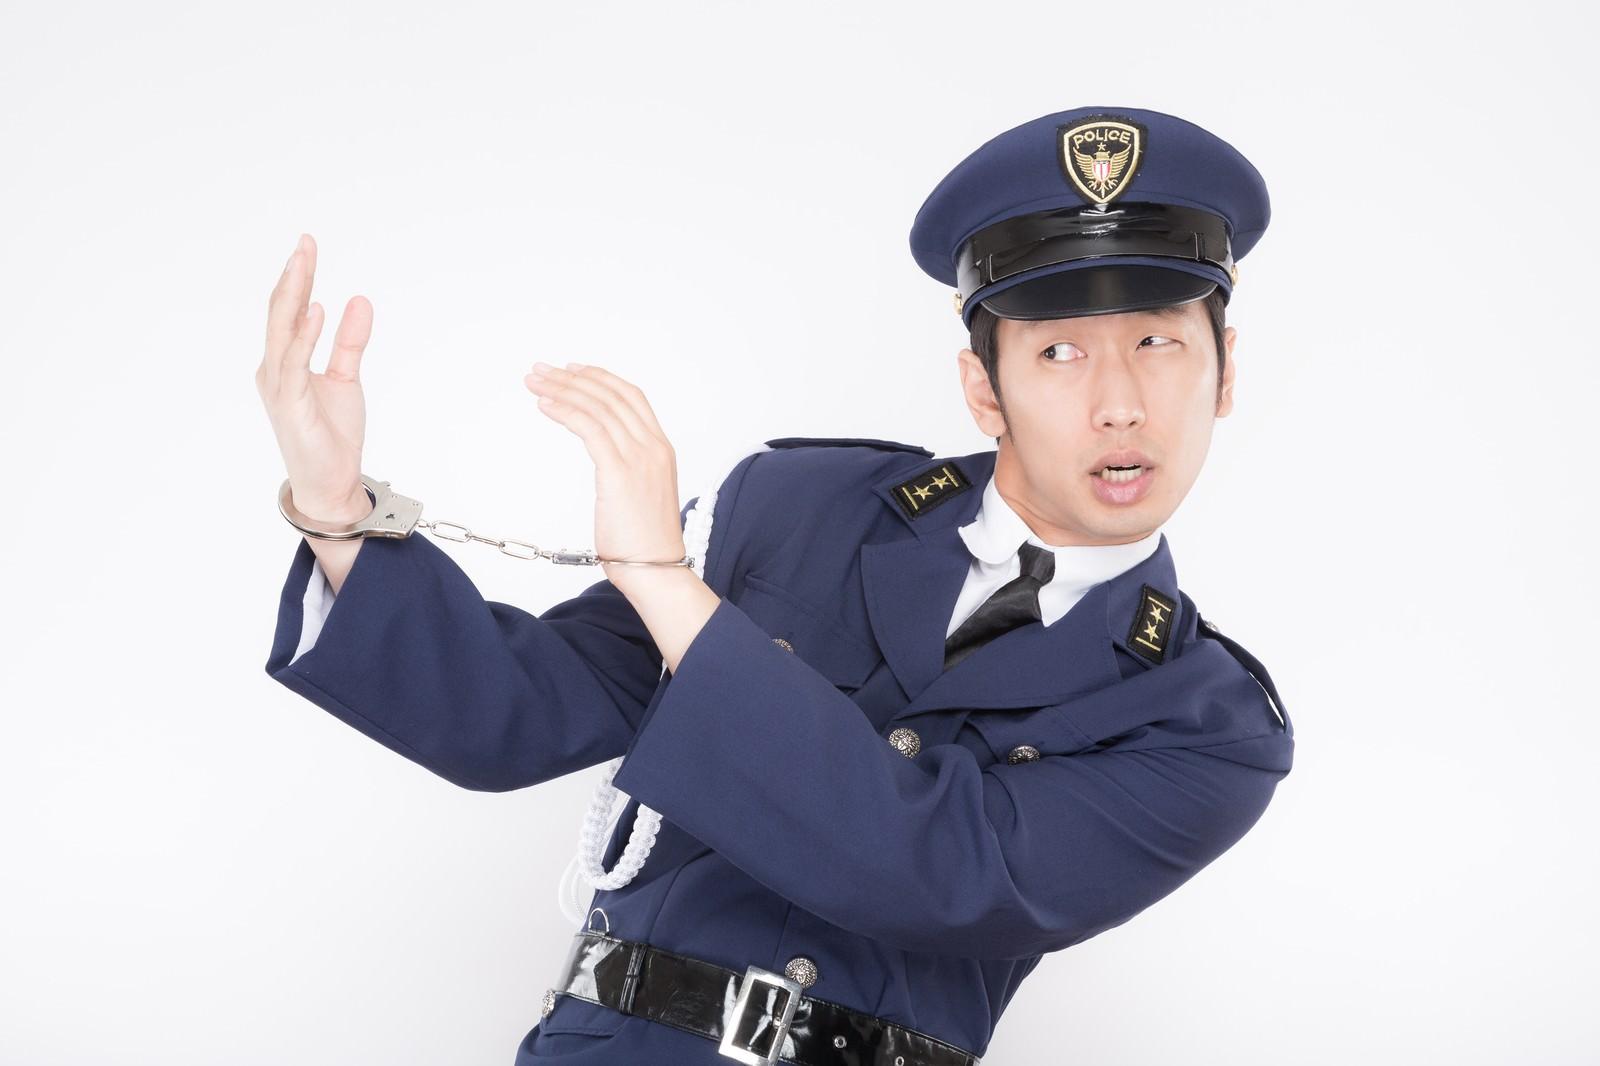 「パントマイム中のコスプレイヤー(警官)パントマイム中のコスプレイヤー(警官)」[モデル:大川竜弥]のフリー写真素材を拡大